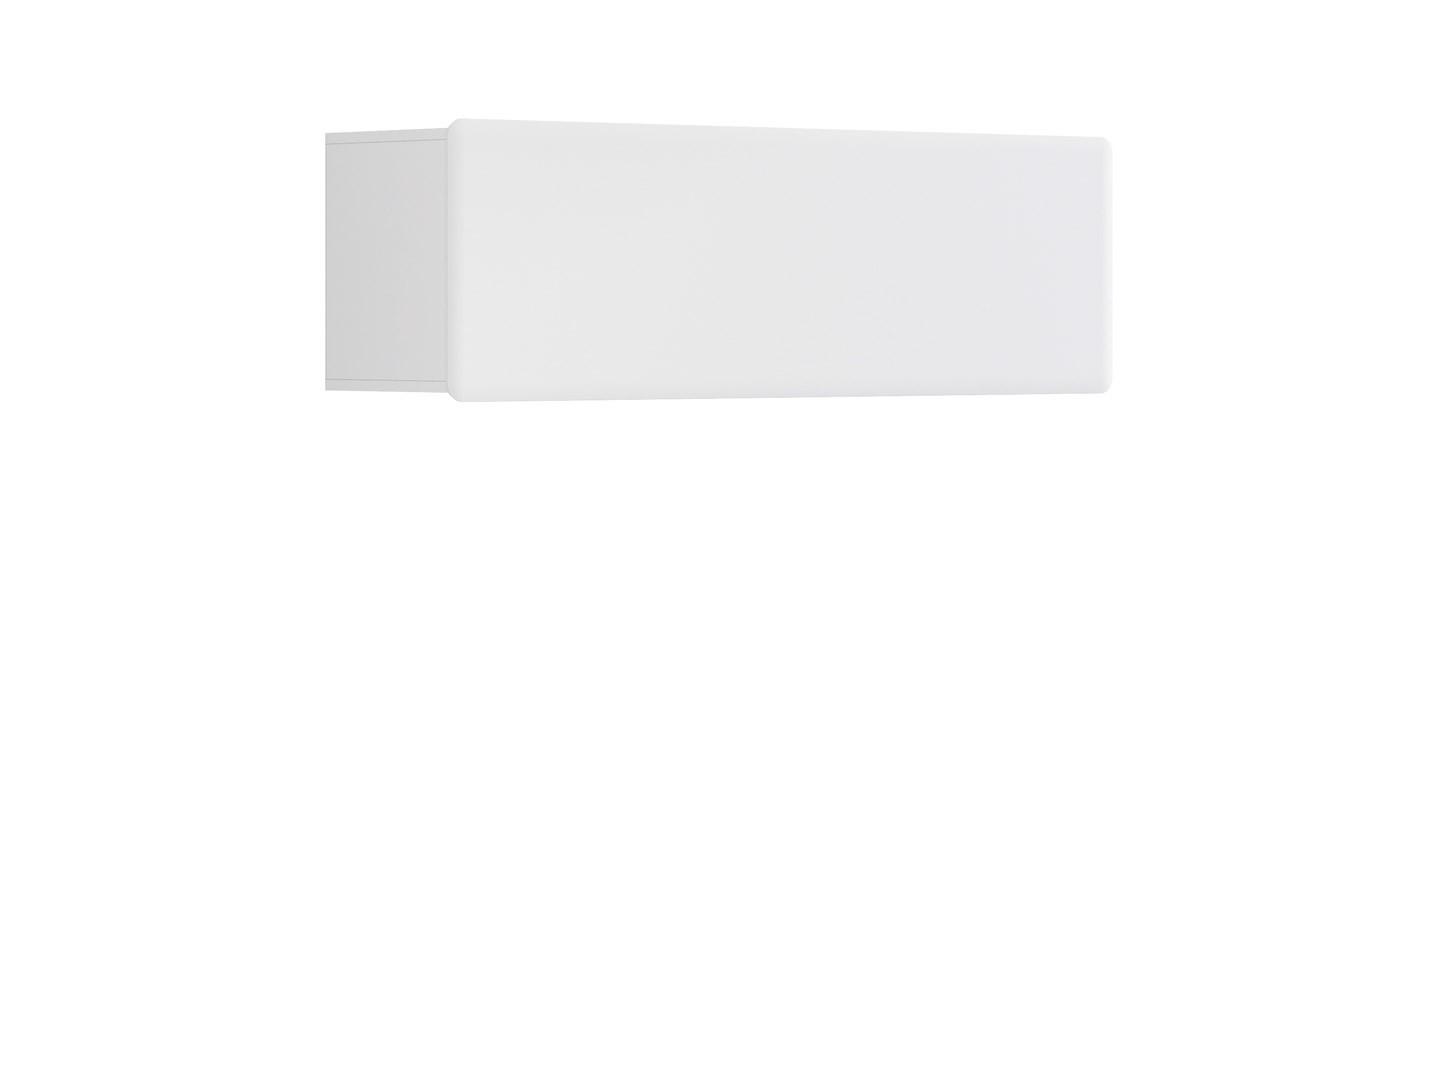 Polička - BRW - Possi Light - SFW1K/4/13 (bílá + lesk bílý)